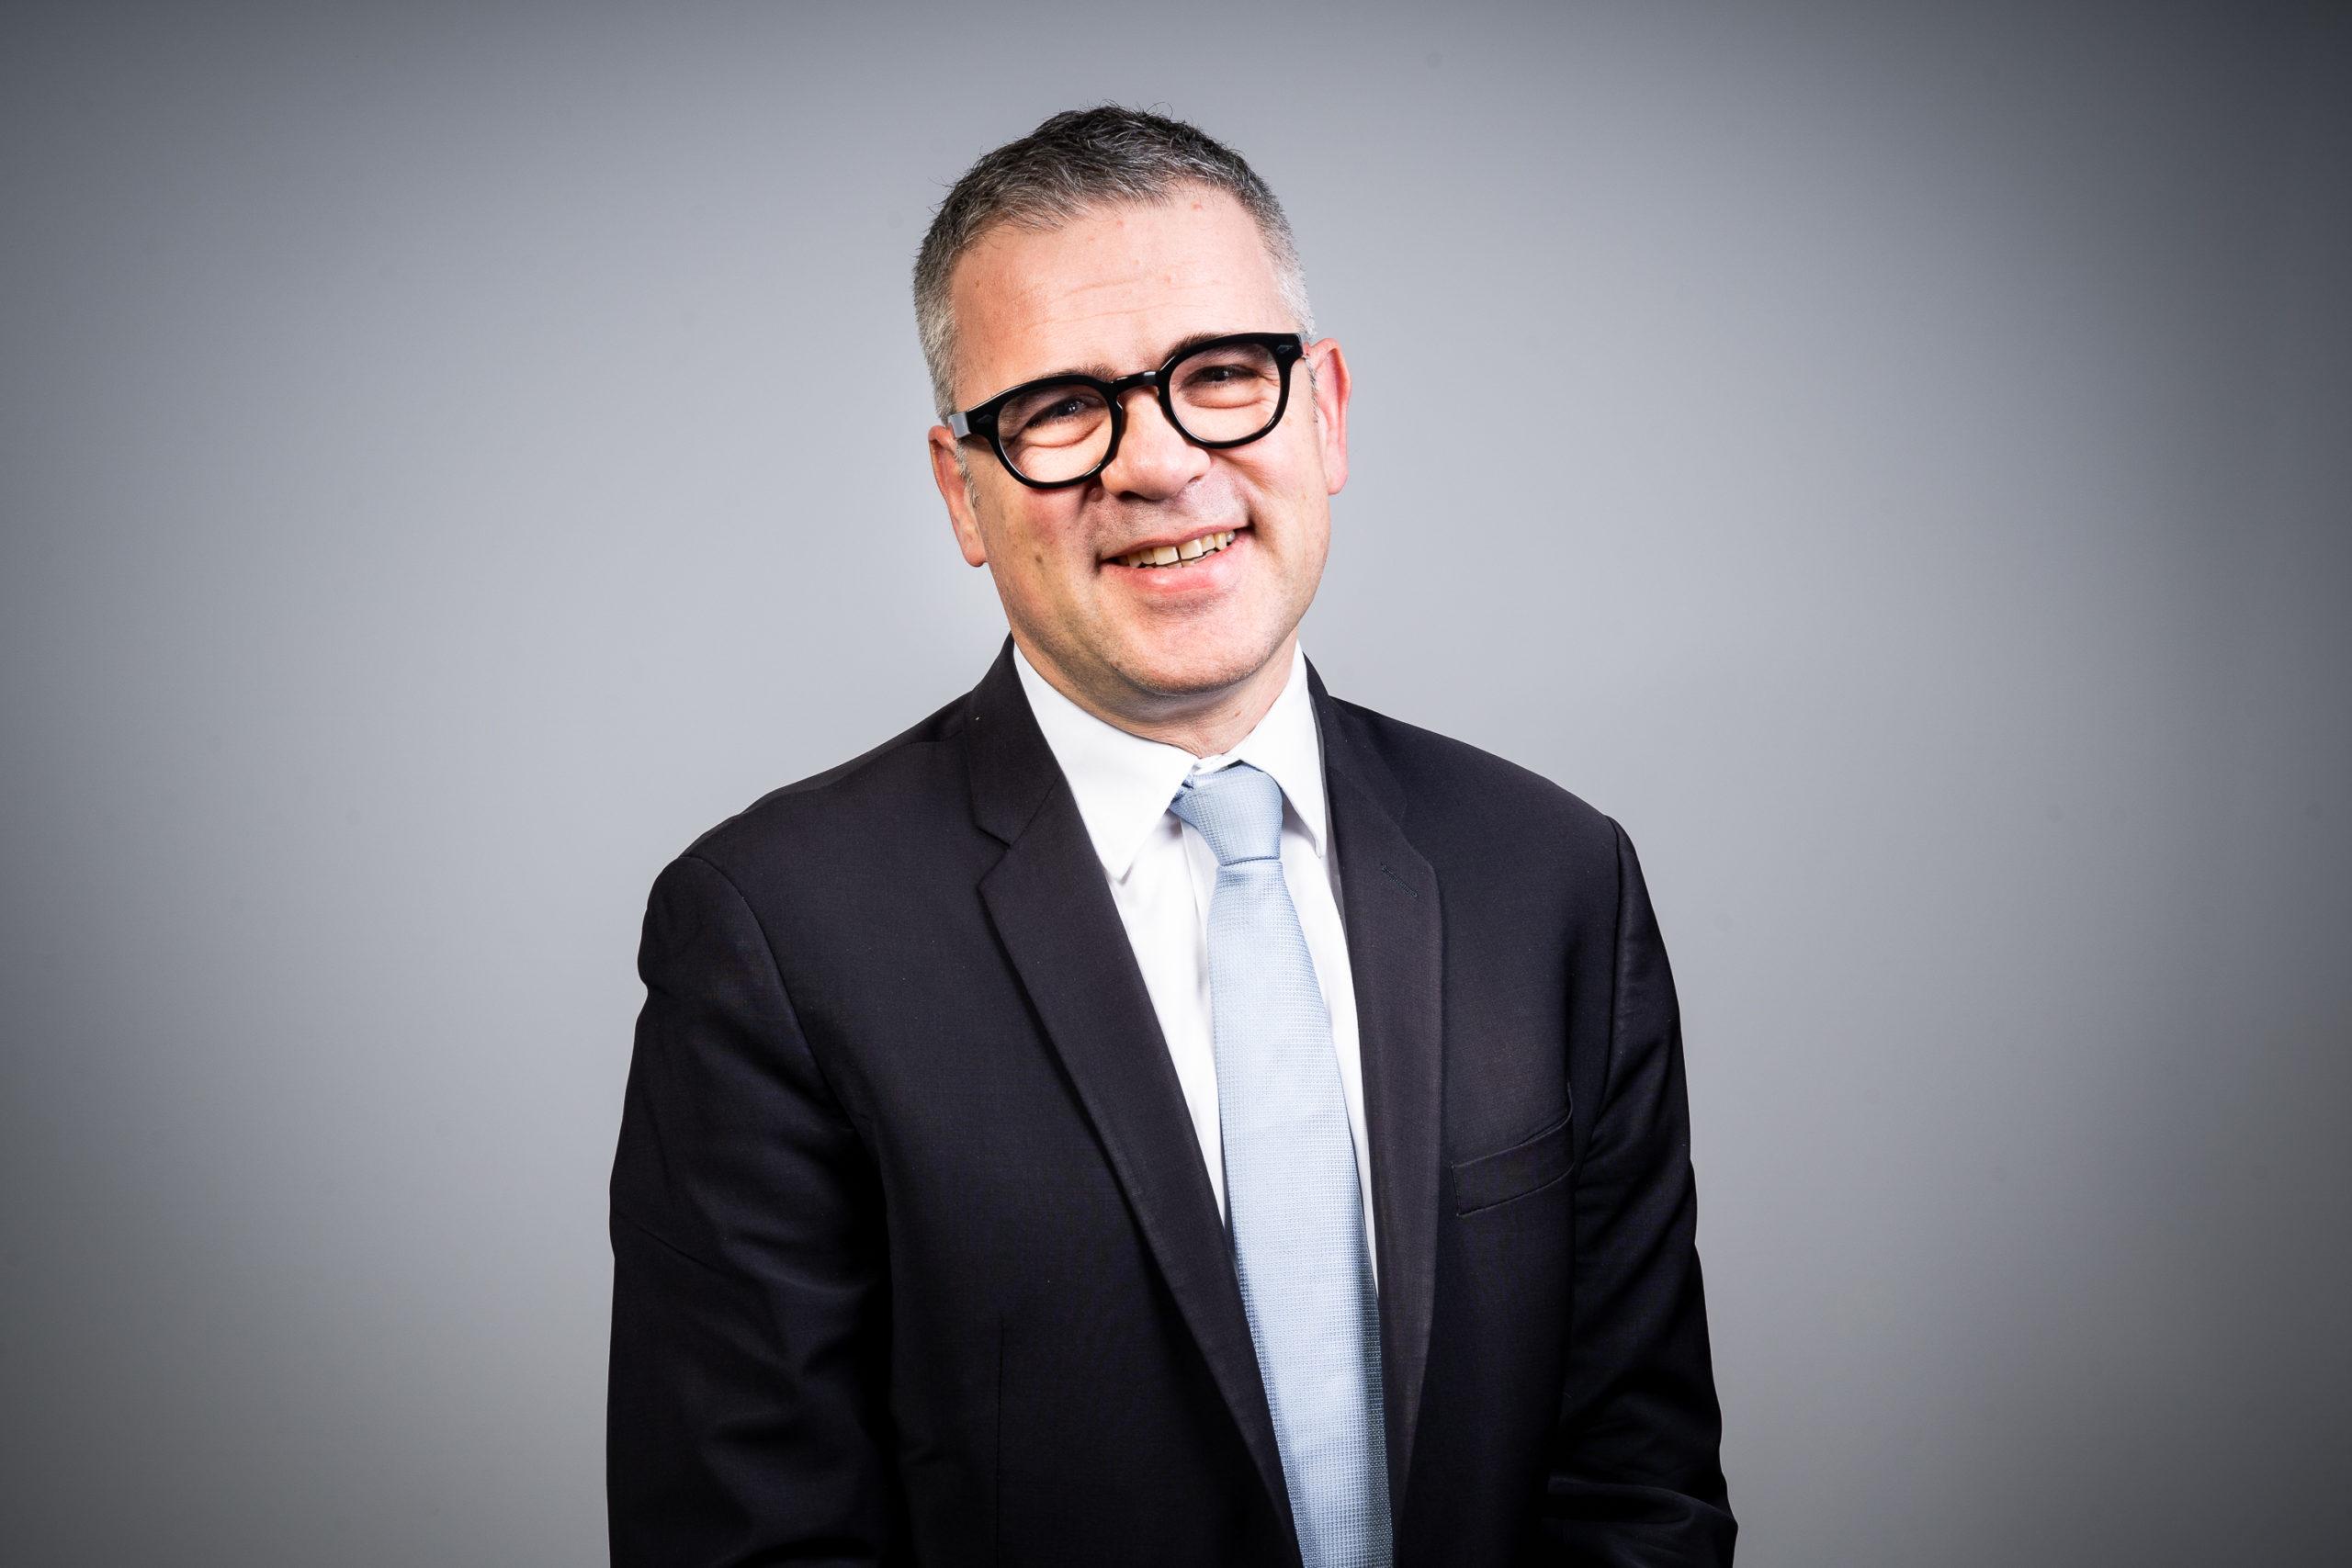 Entretien avec Vincent Gollain, Directeur pôle Economie, Institut Paris Région : Vers la reprise « par paliers »